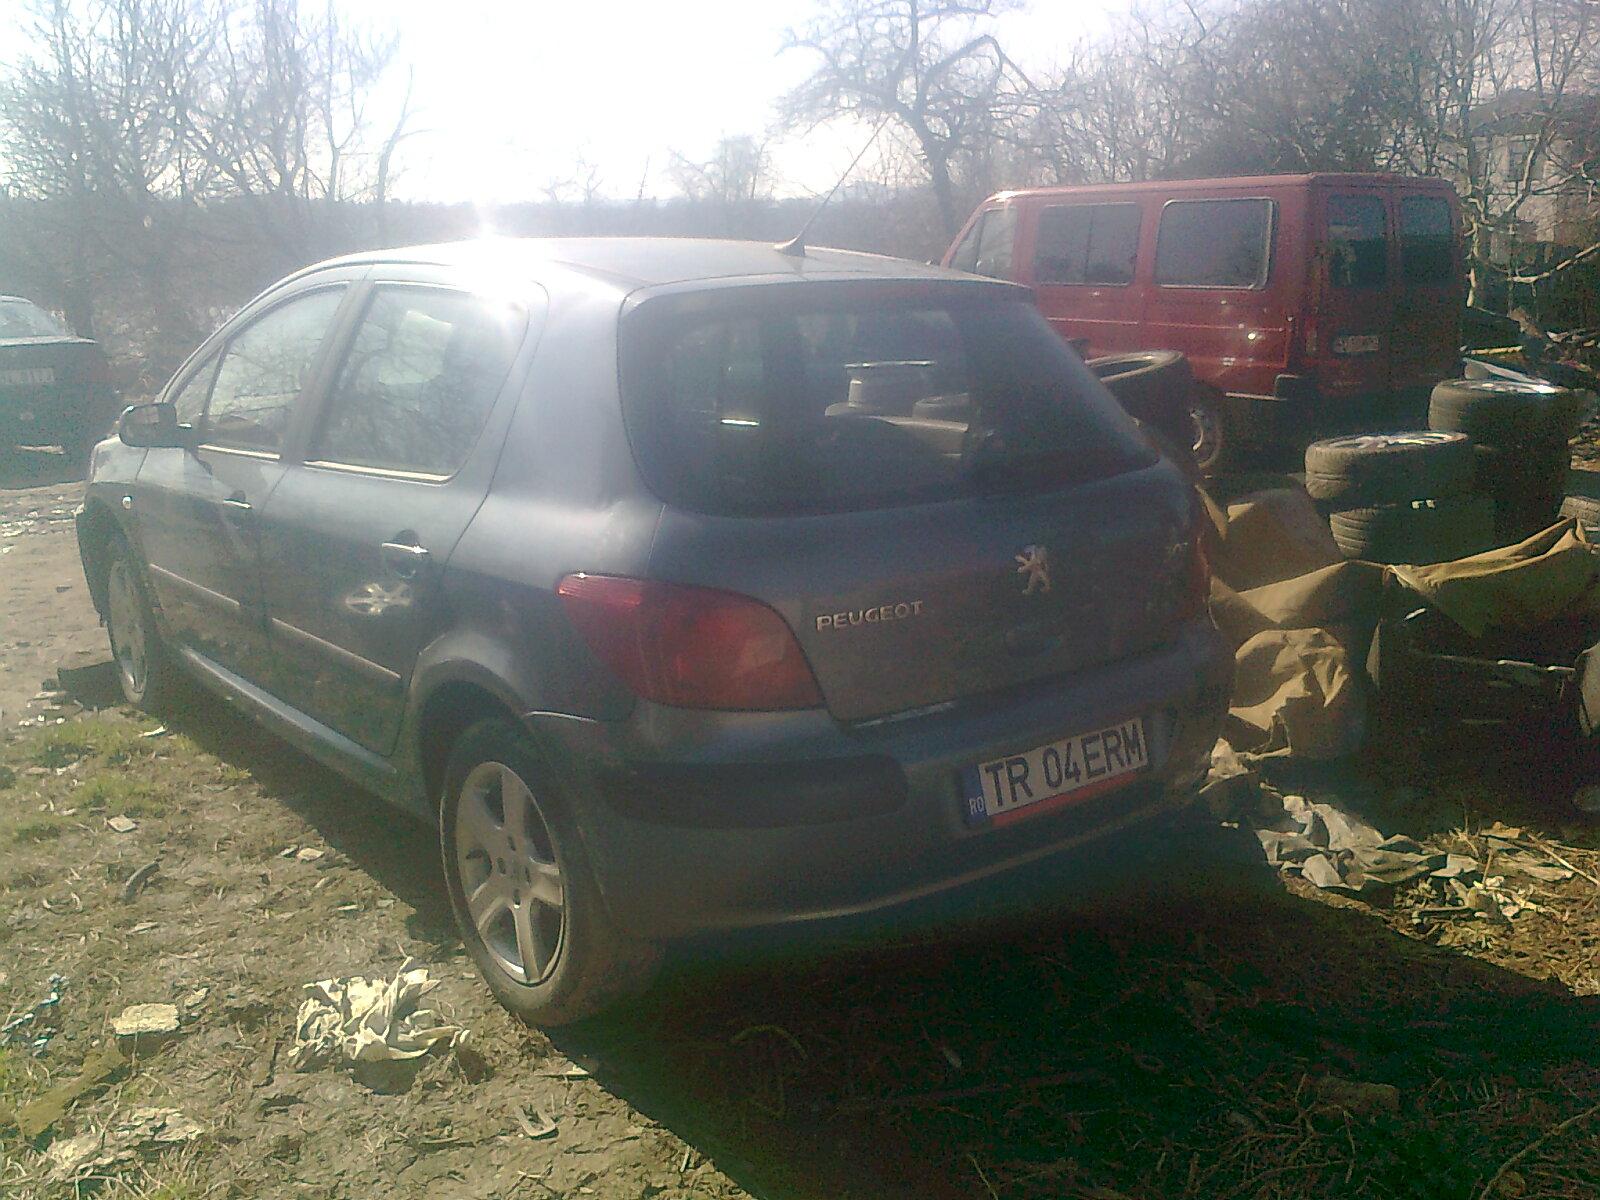 Peugeot 307 avariat 2006 Benzina Hatchback - 19 Iunie 2011 - Poza 3